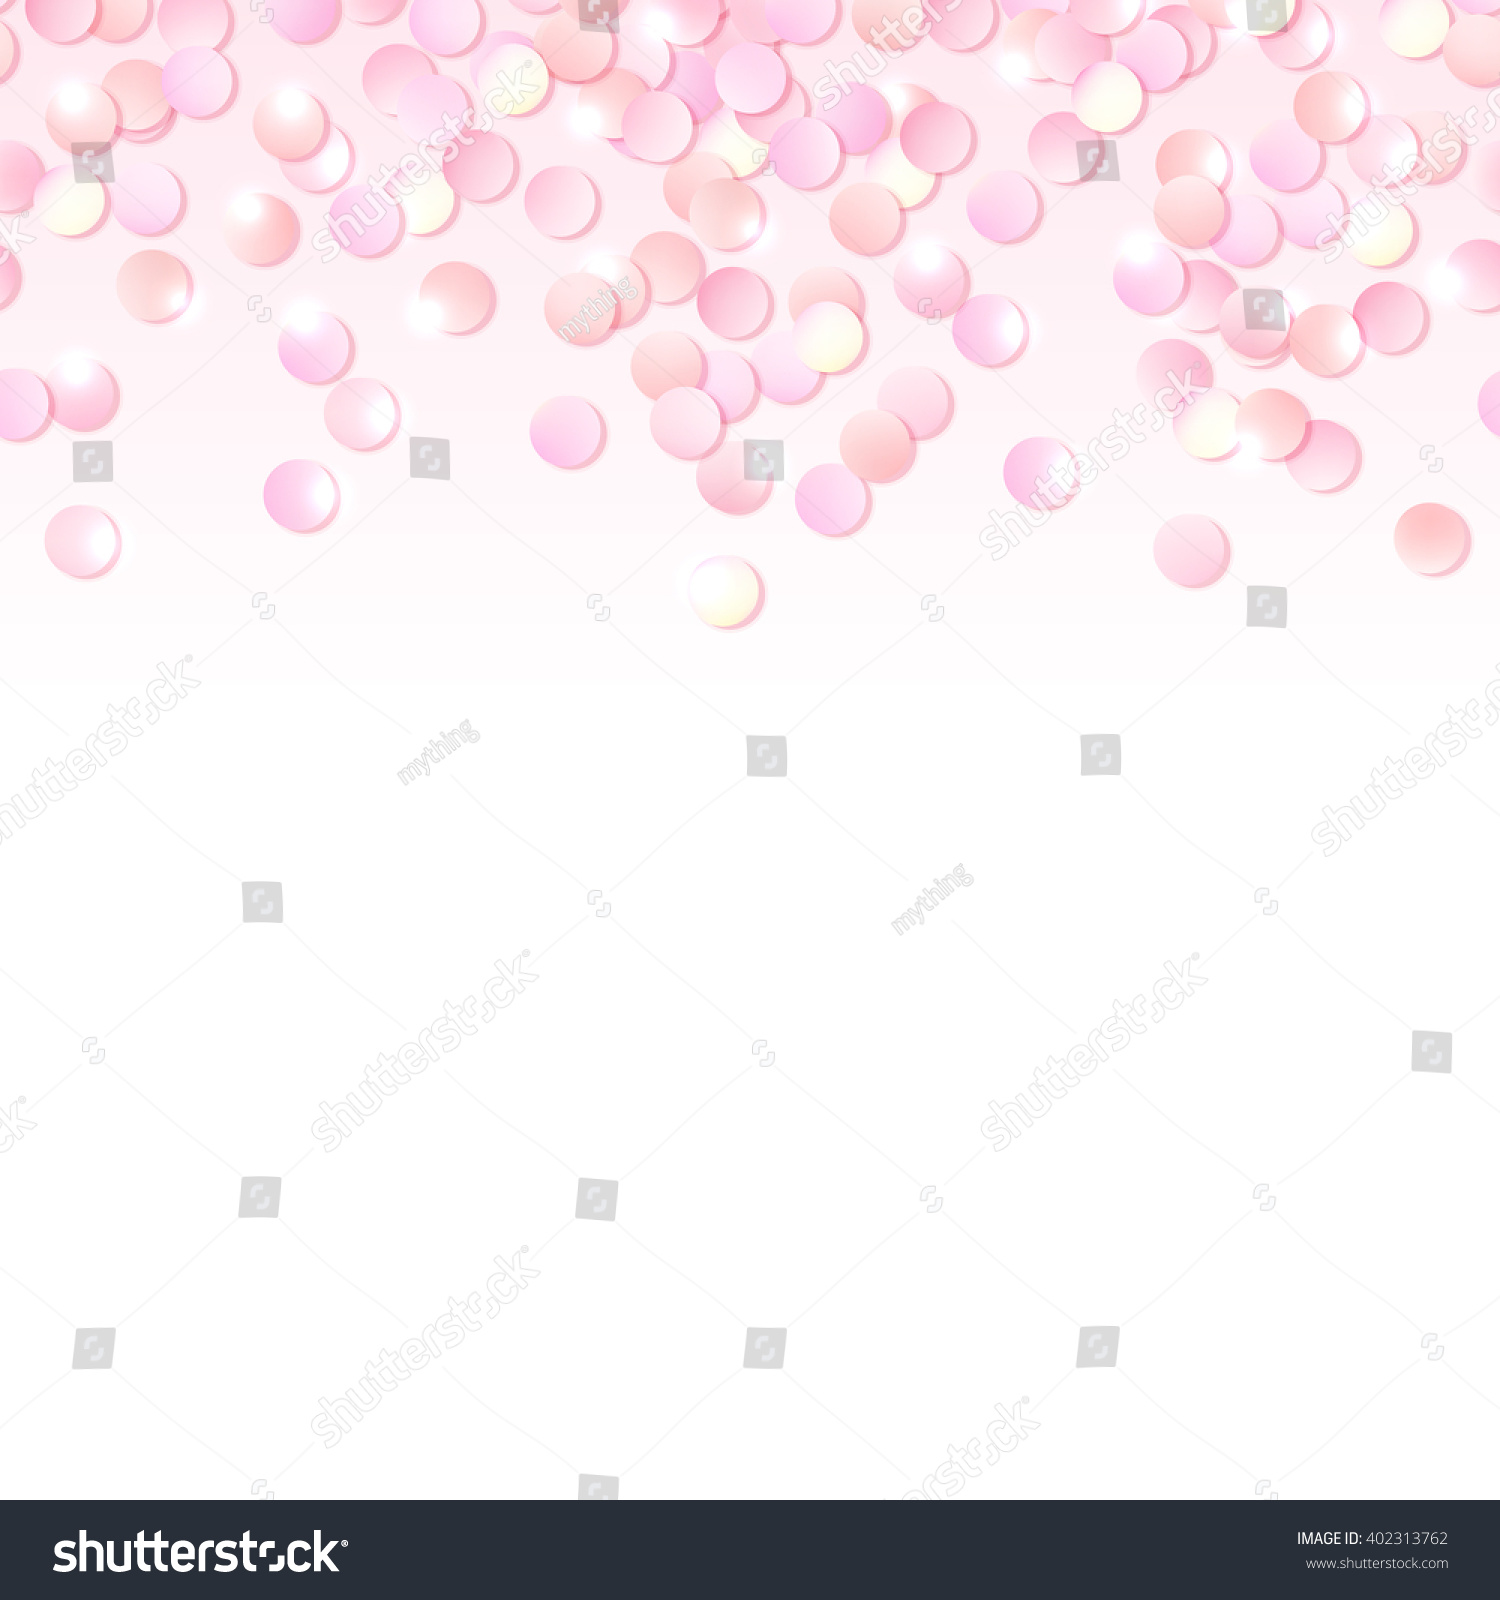 Seamless Border Pink Realistic Confetti Design Stock Vector ...